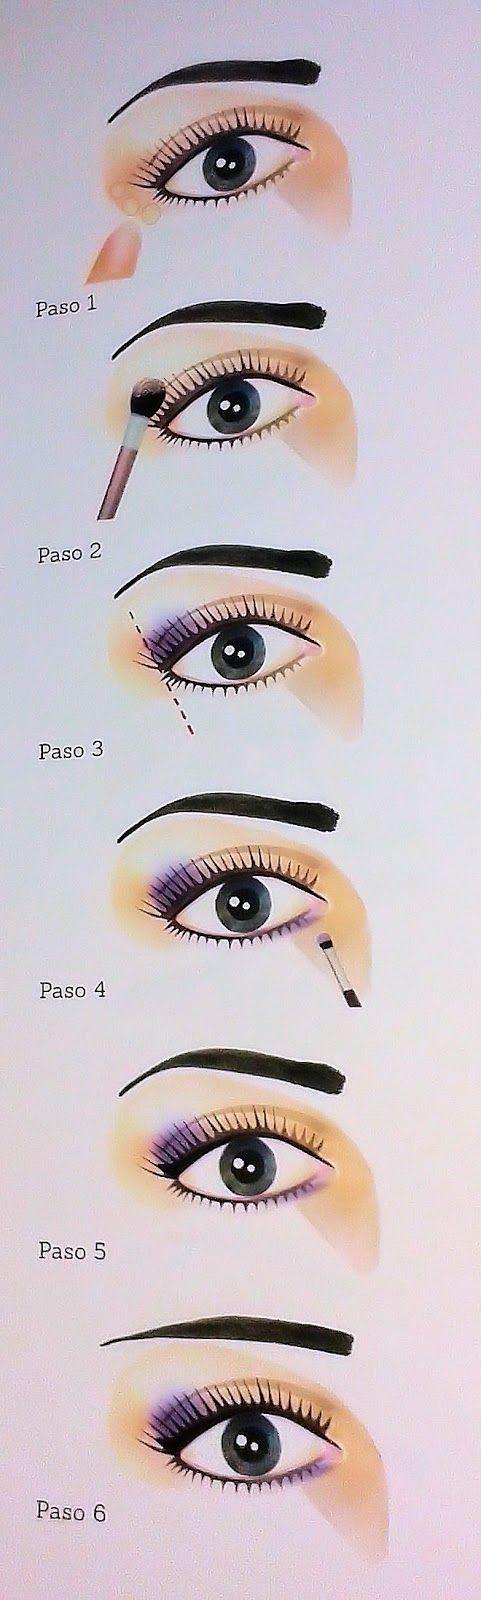 CÓMO MAQUILLAR UNOS OJOS CAÍDOS O TRISTES | Cuidar de tu belleza es facilisimo.com